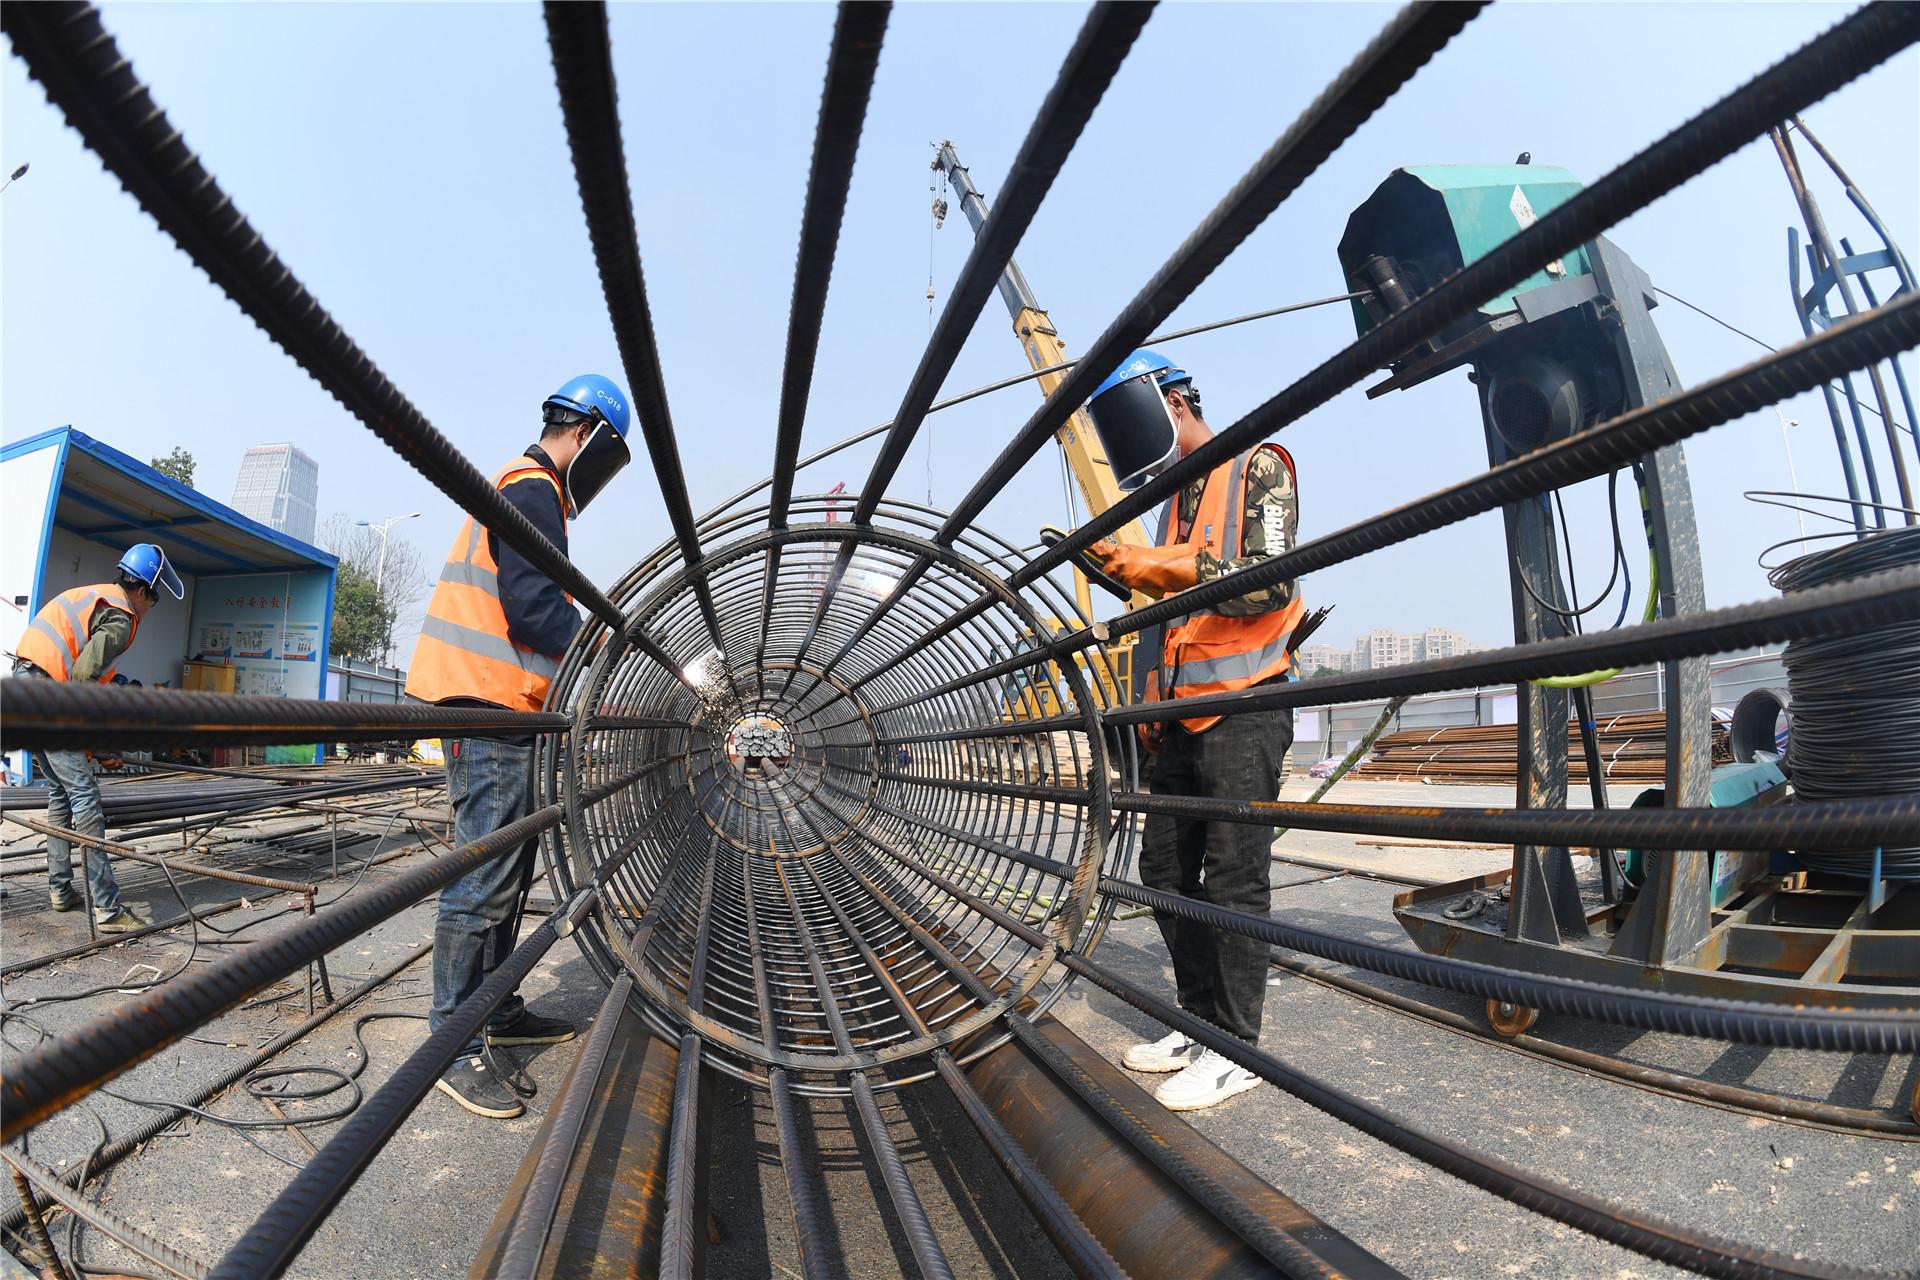 2021年2月23日,长沙市轨道交通1号线北延一期工程青竹湖路站施工现场,施工人员在焊接桩基钢筋笼。